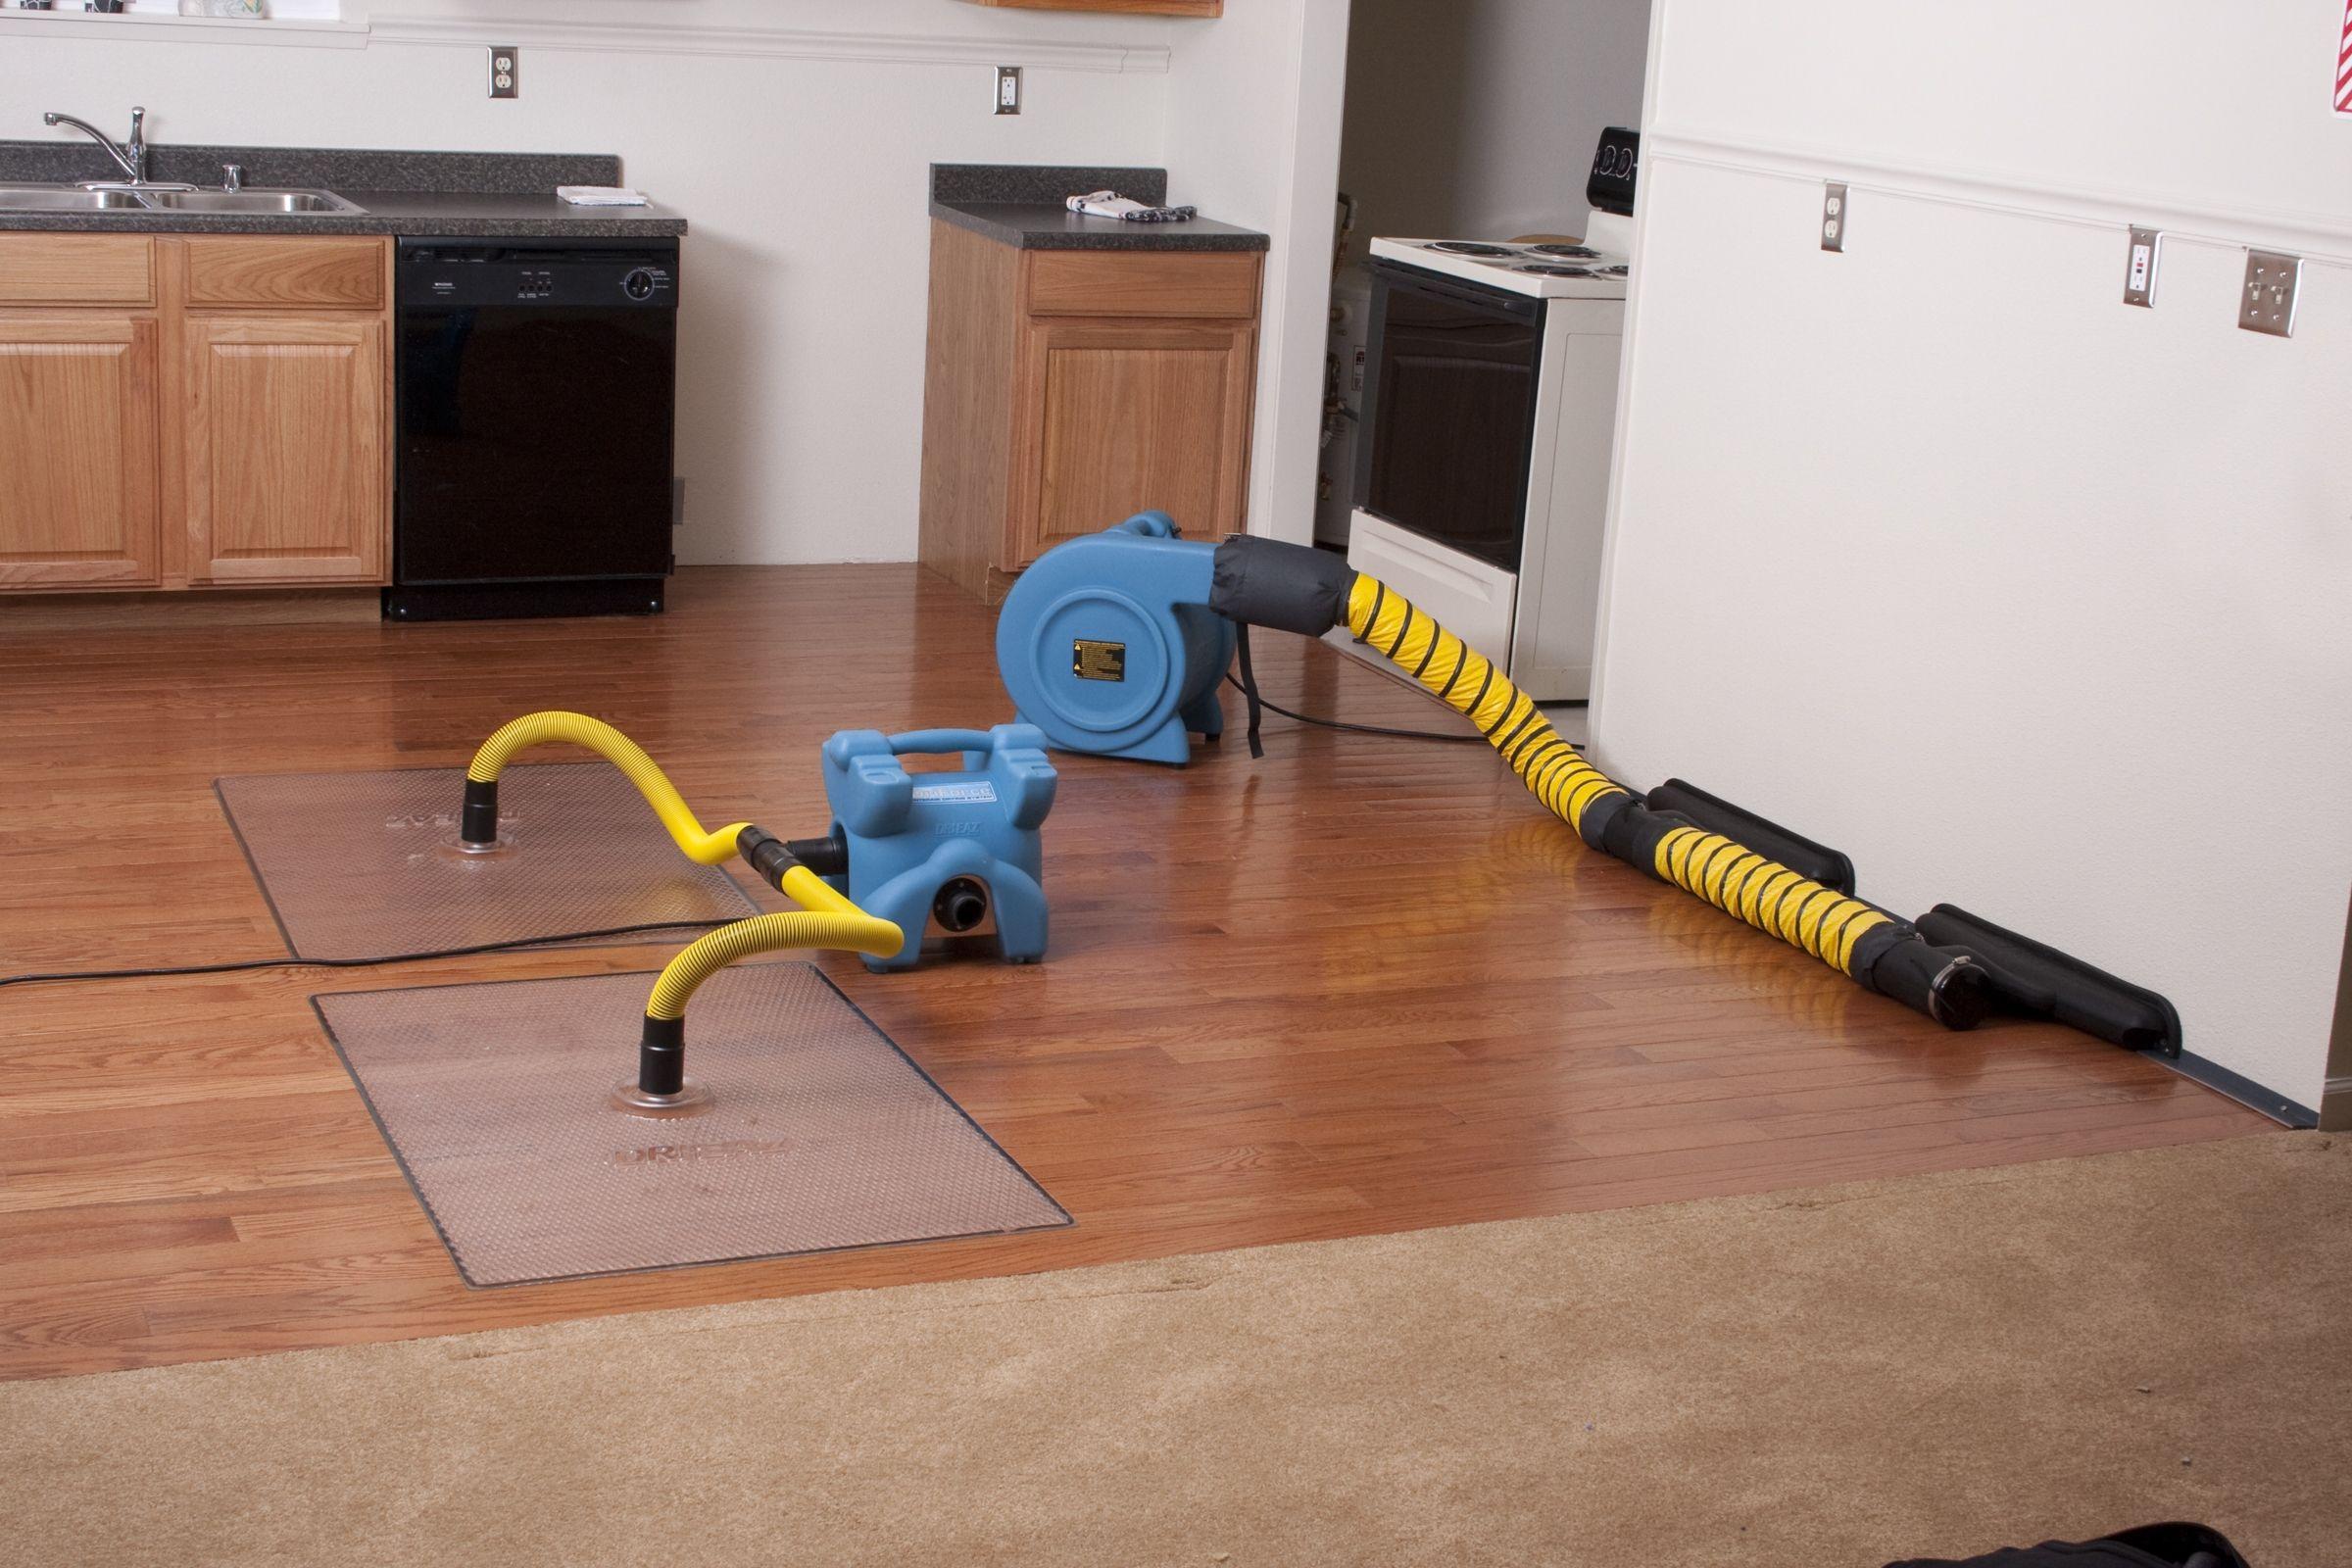 Hardwood floor drying equipment glblcom pinterest